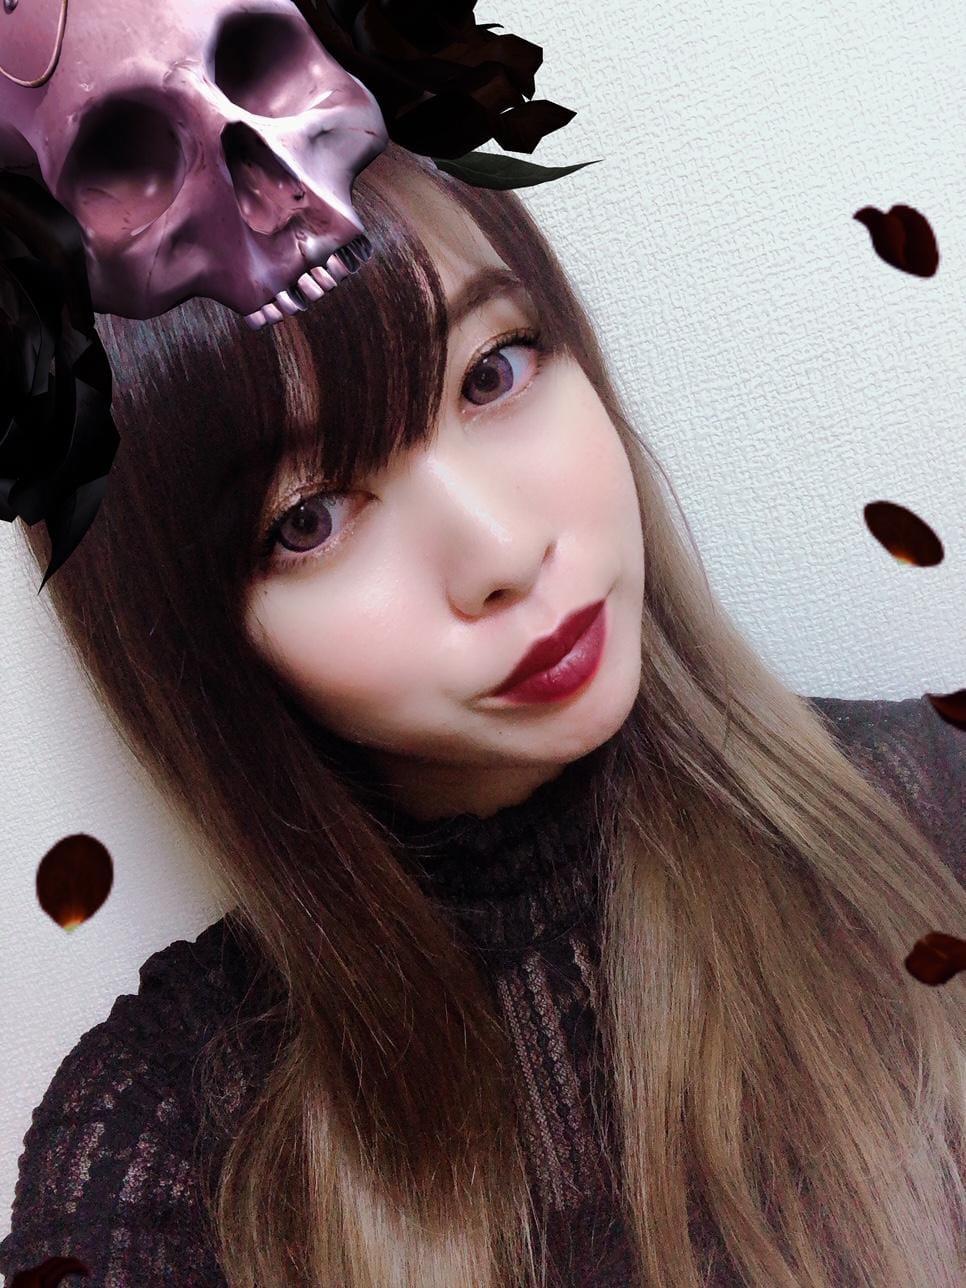 「気分だけでもw」10/31(10/31) 19:36   あいかの写メ・風俗動画